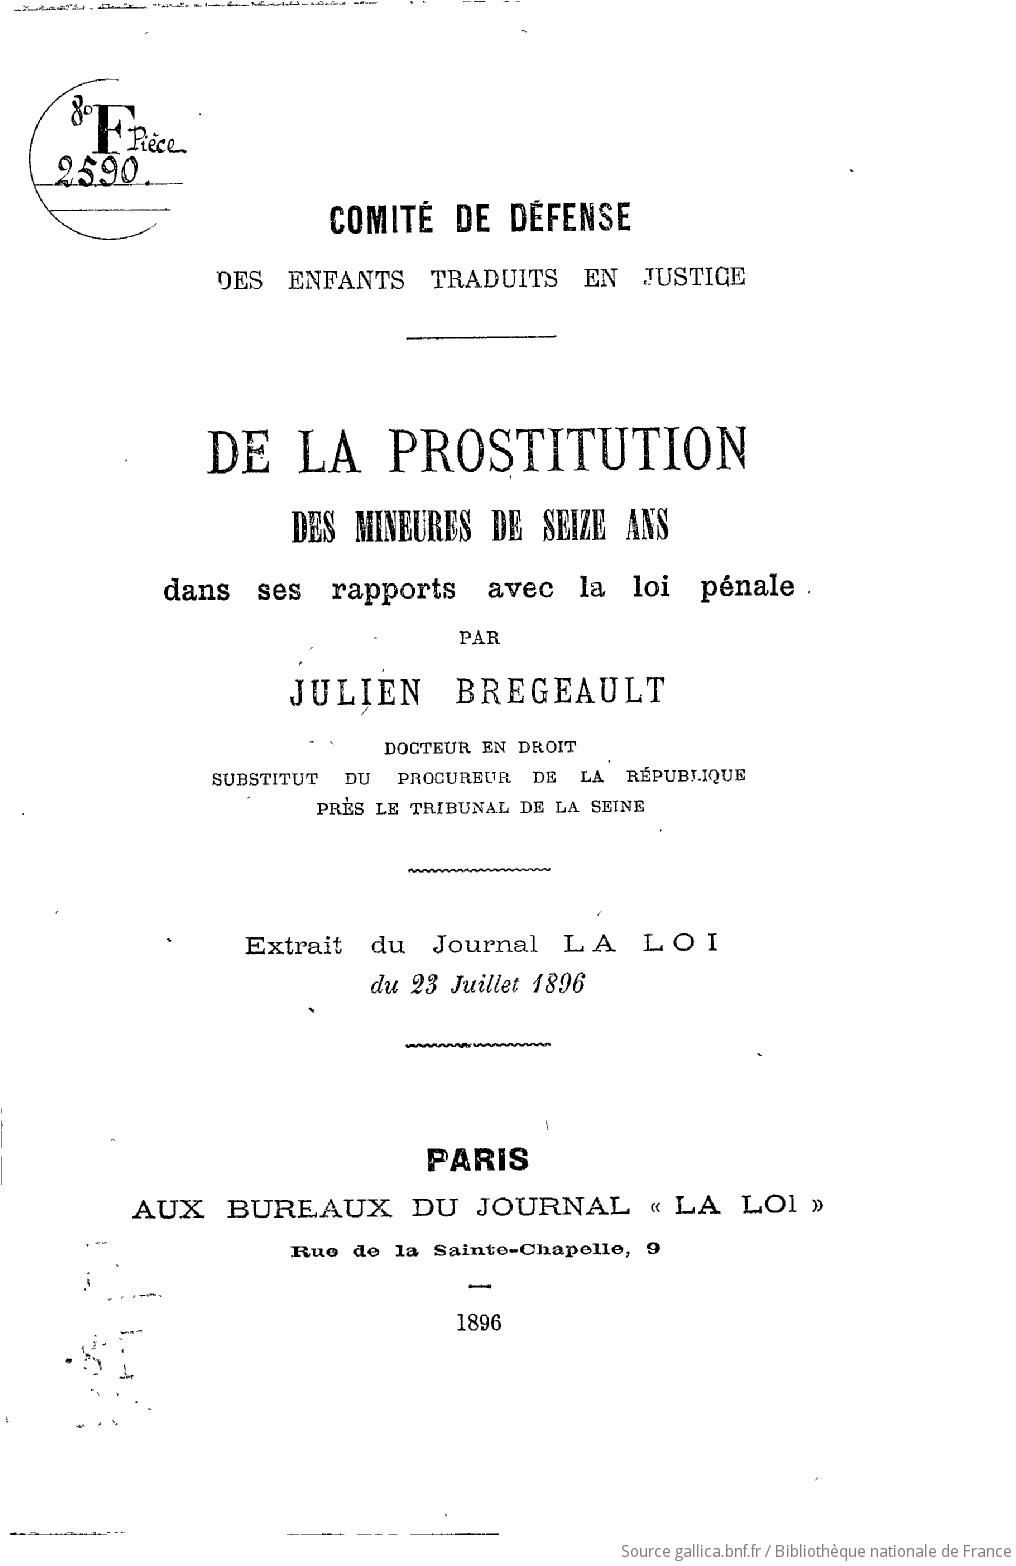 De la prostitution des mineures de seize ans dans ses rapports avec la loi pénale